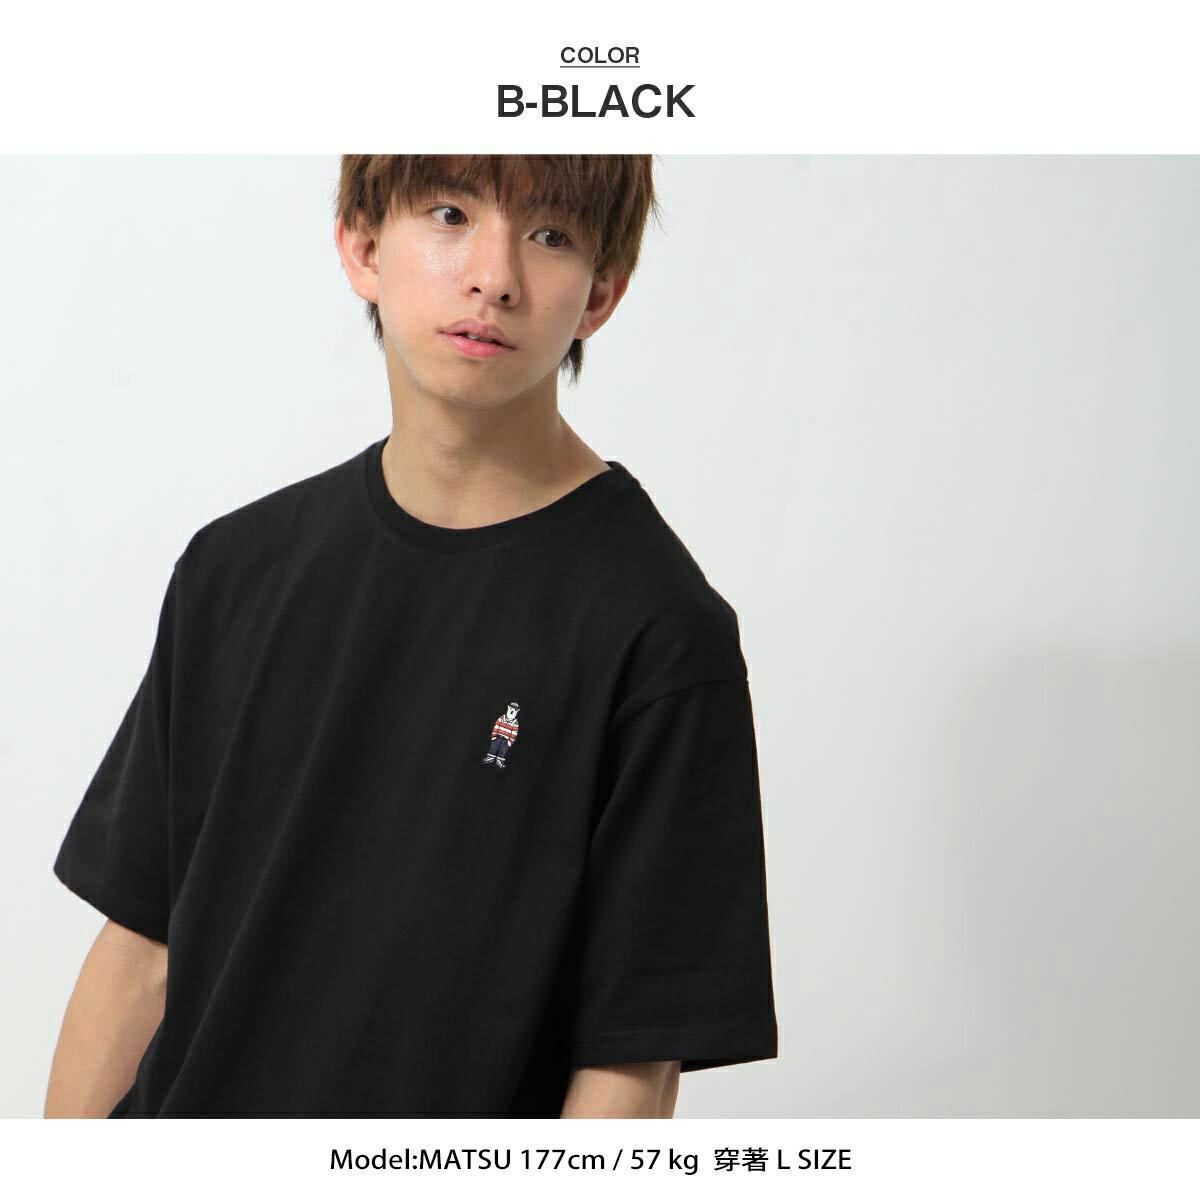 【ZIP】白熊刺繡短TEE BENJAMIN 5